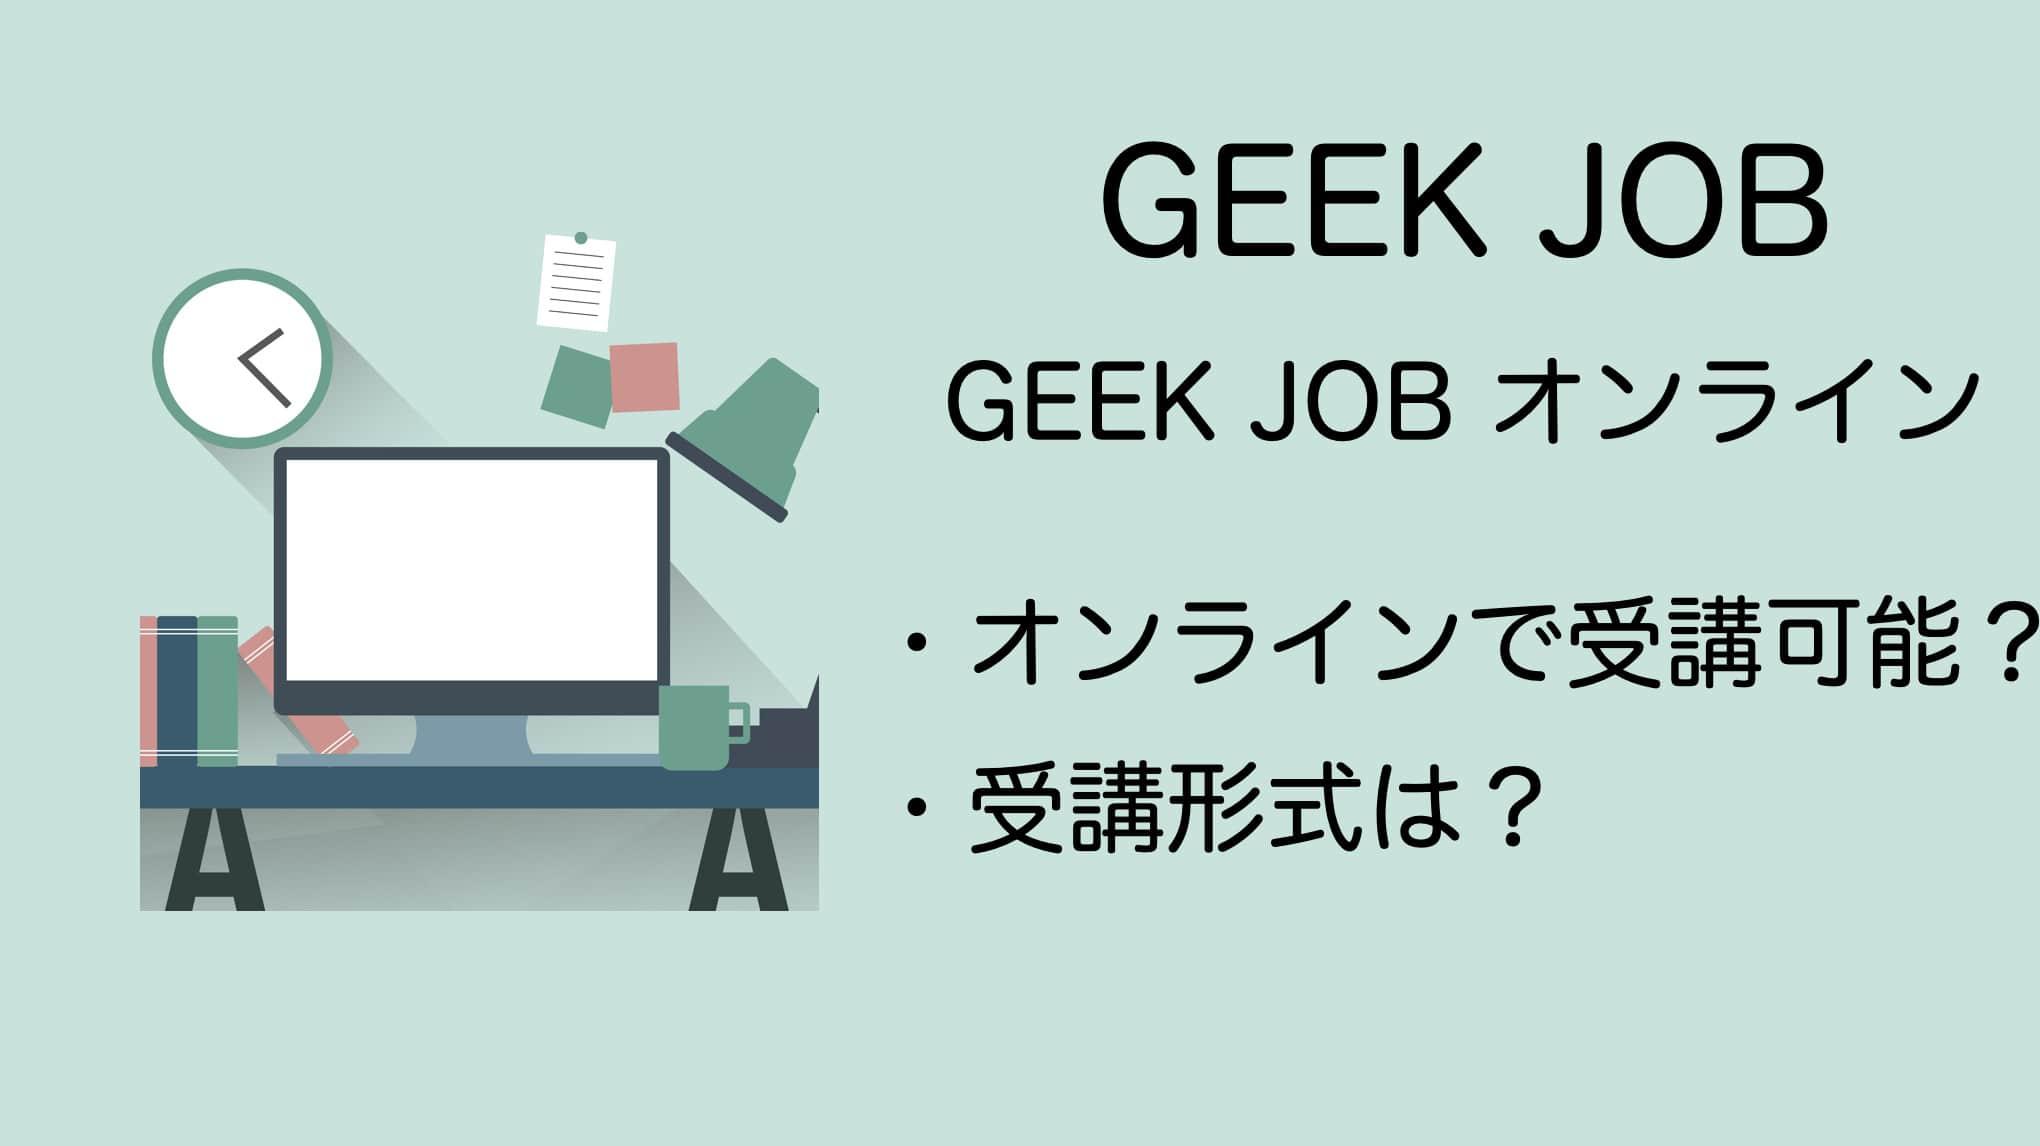 GEEKJOB(ギークジョブ)はオンラインで受講できる?